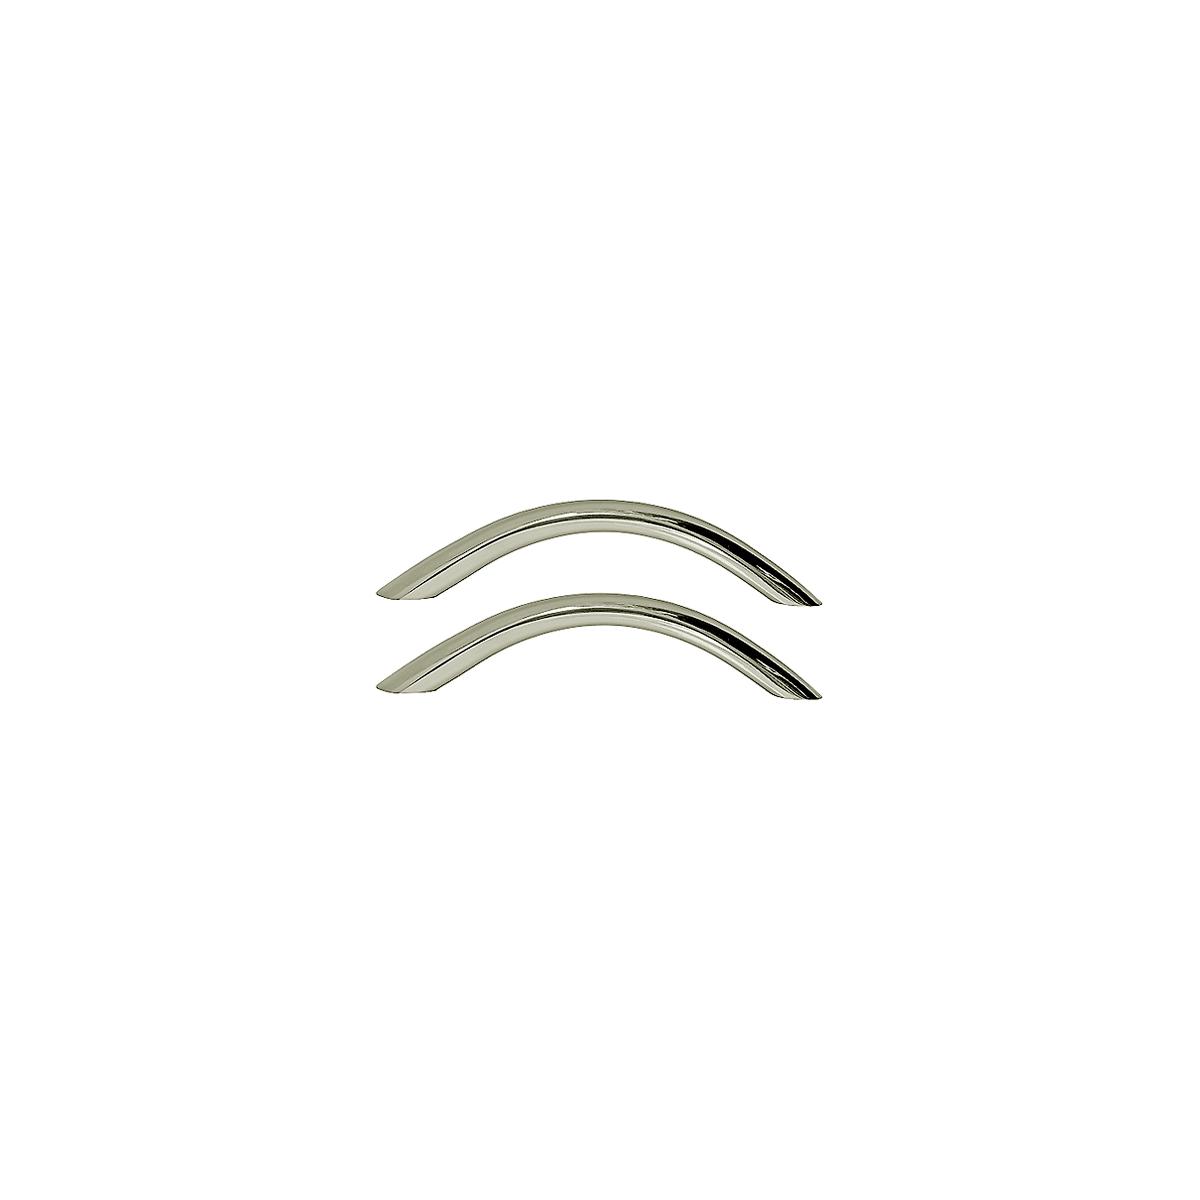 Ручки для ванны Roca Malibu, хром 526803010